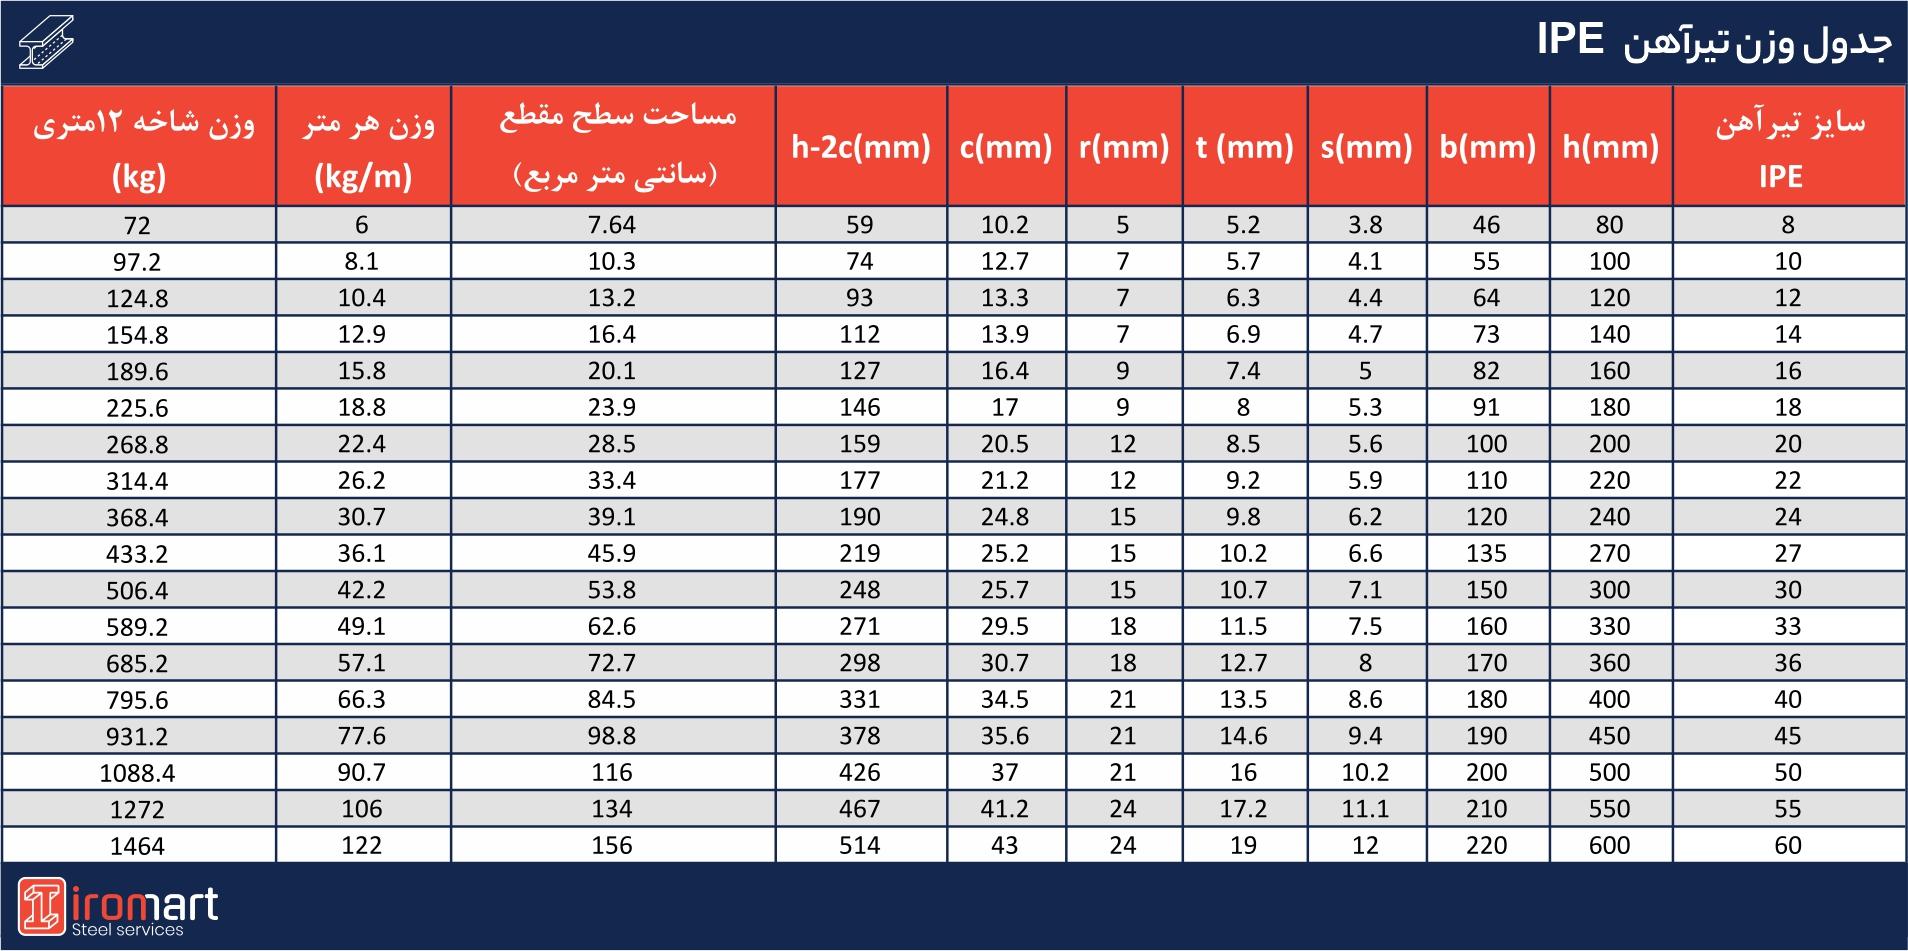 جدول وزن تیرآهن IPE